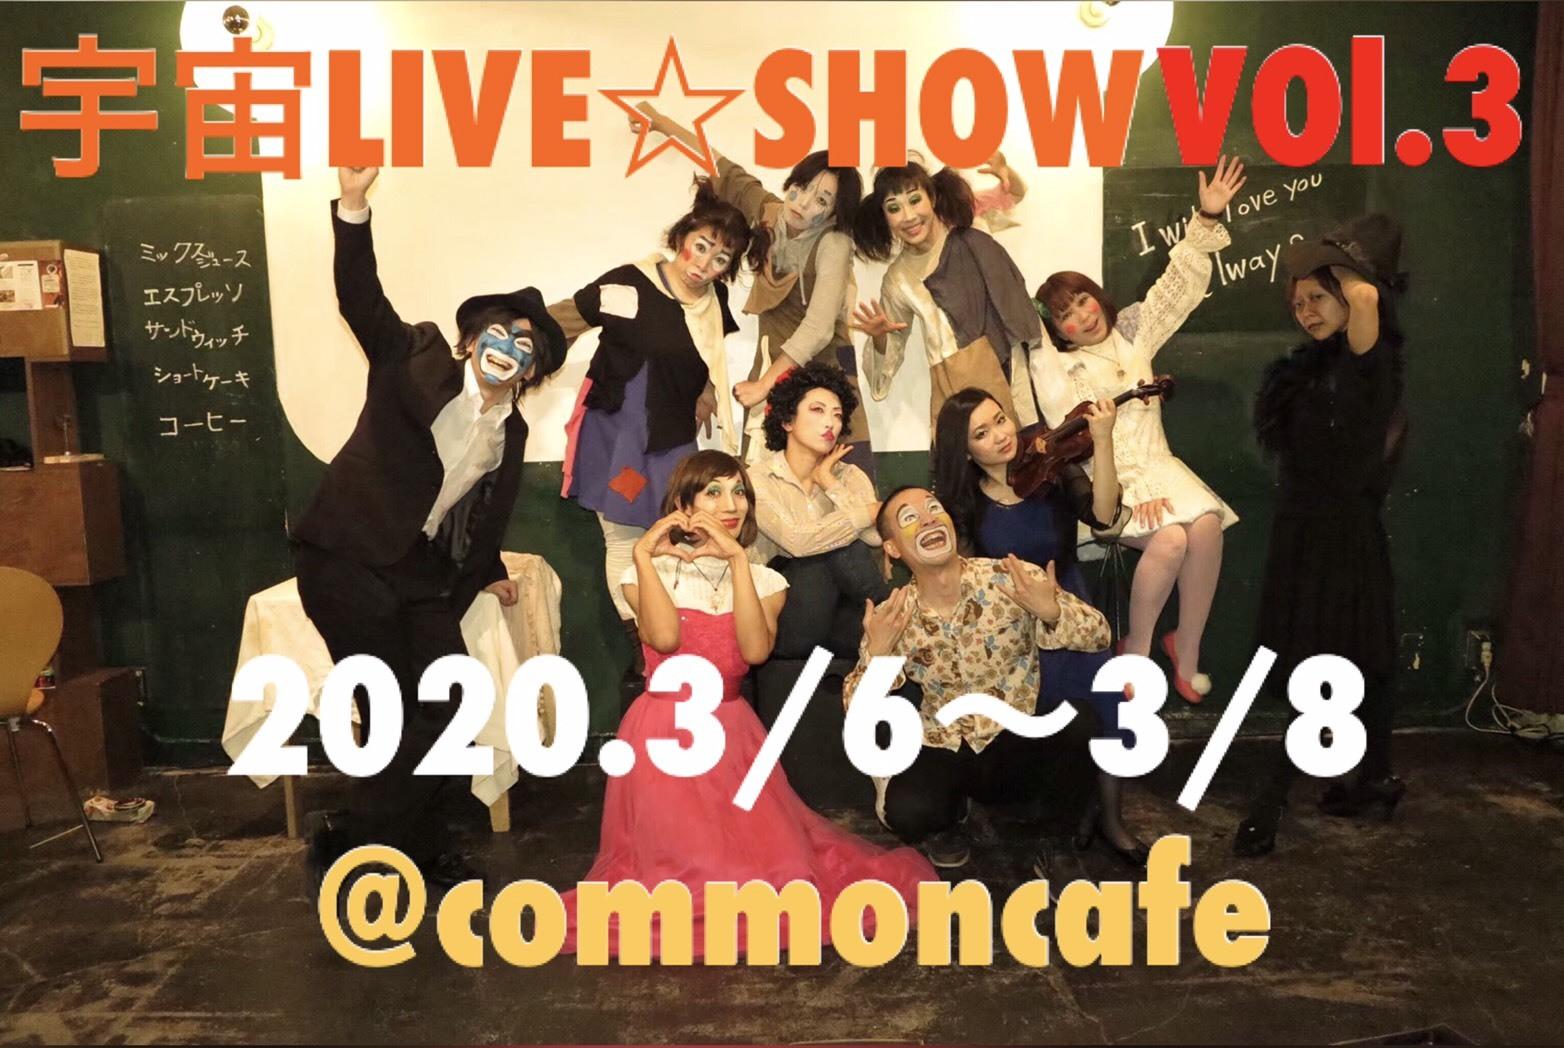 宇宙ビール 宇宙LIVE☆SHOW!vol.3 上演決定です☆_c0180209_00180164.jpeg